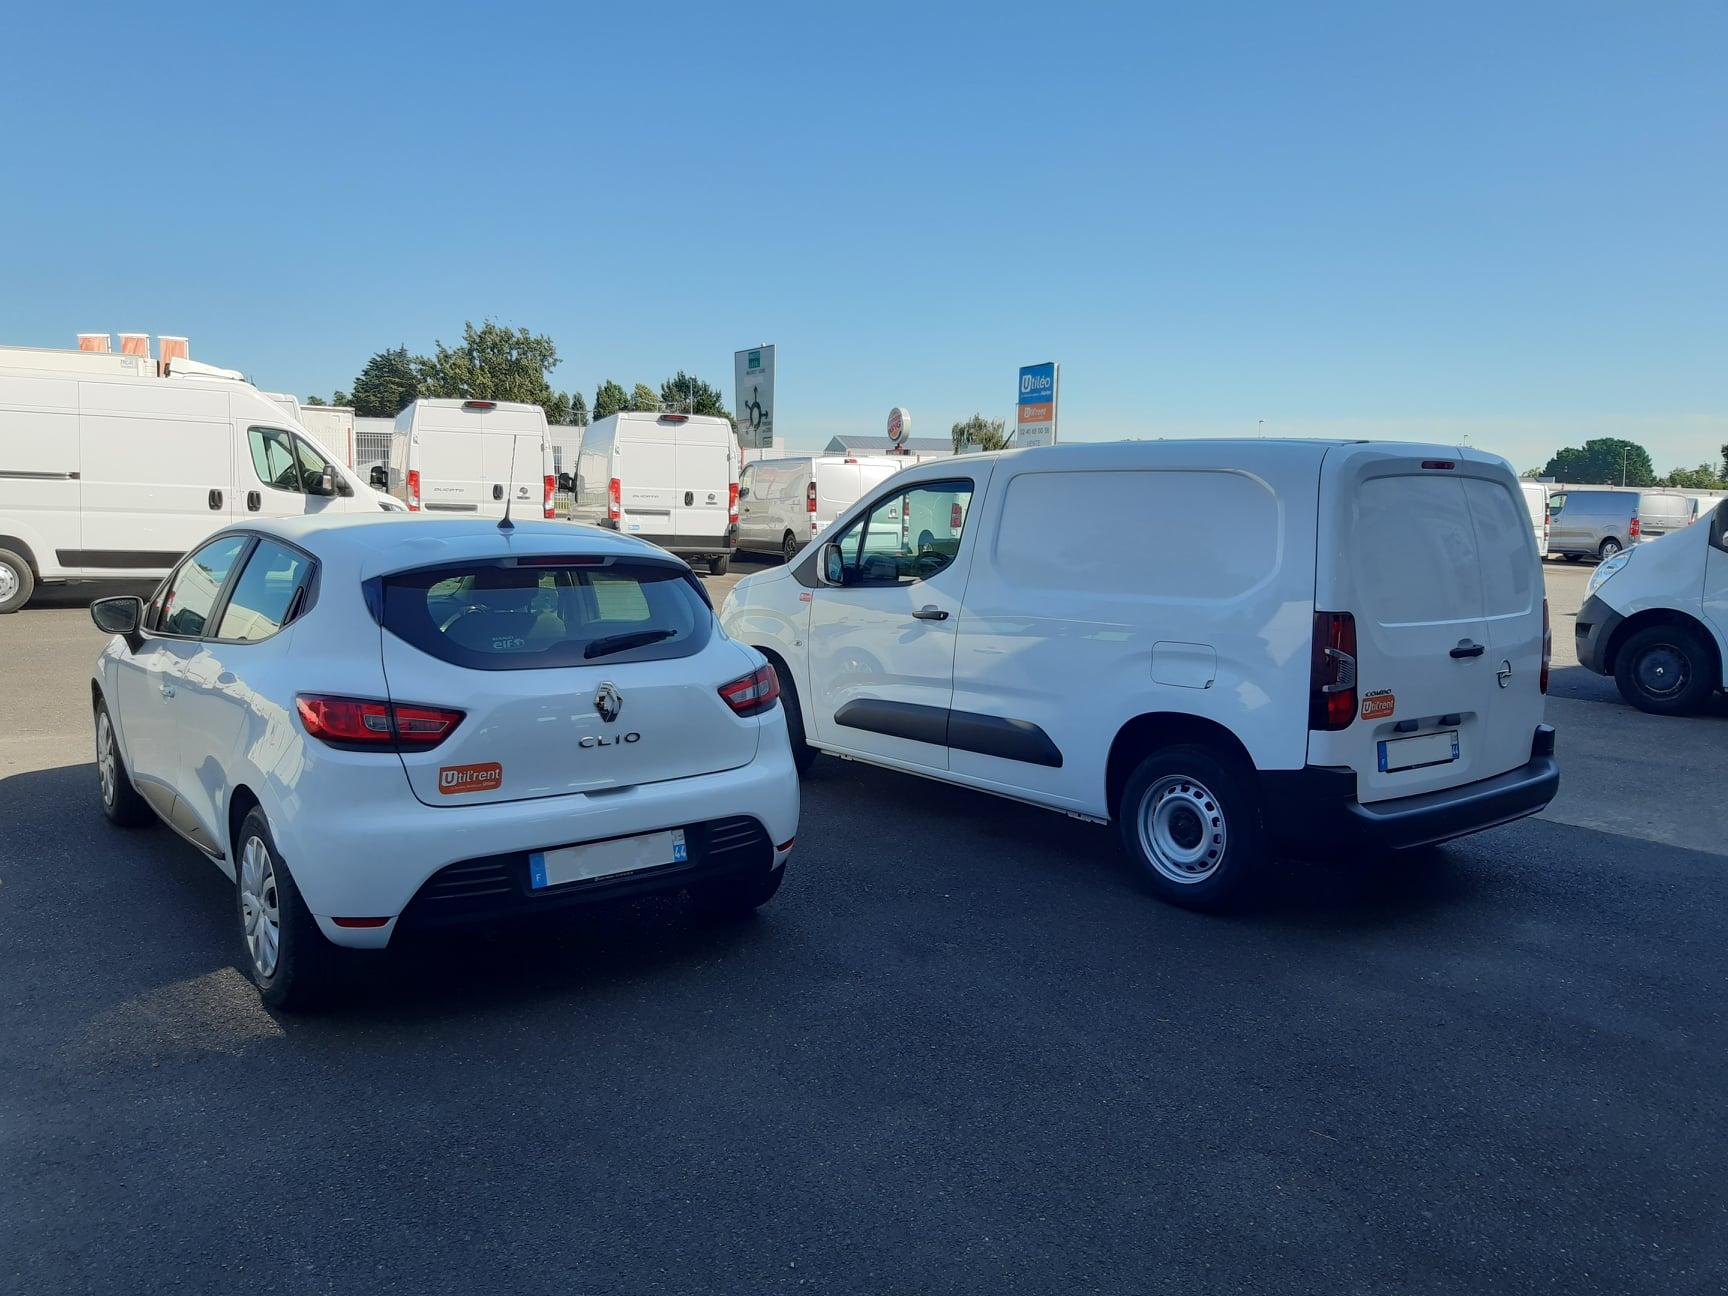 Location d'un fourgon compact et d'un véhicule de société en région Parisienne (92) - Opel Combo LH1 & Renault Clio société - Vue2